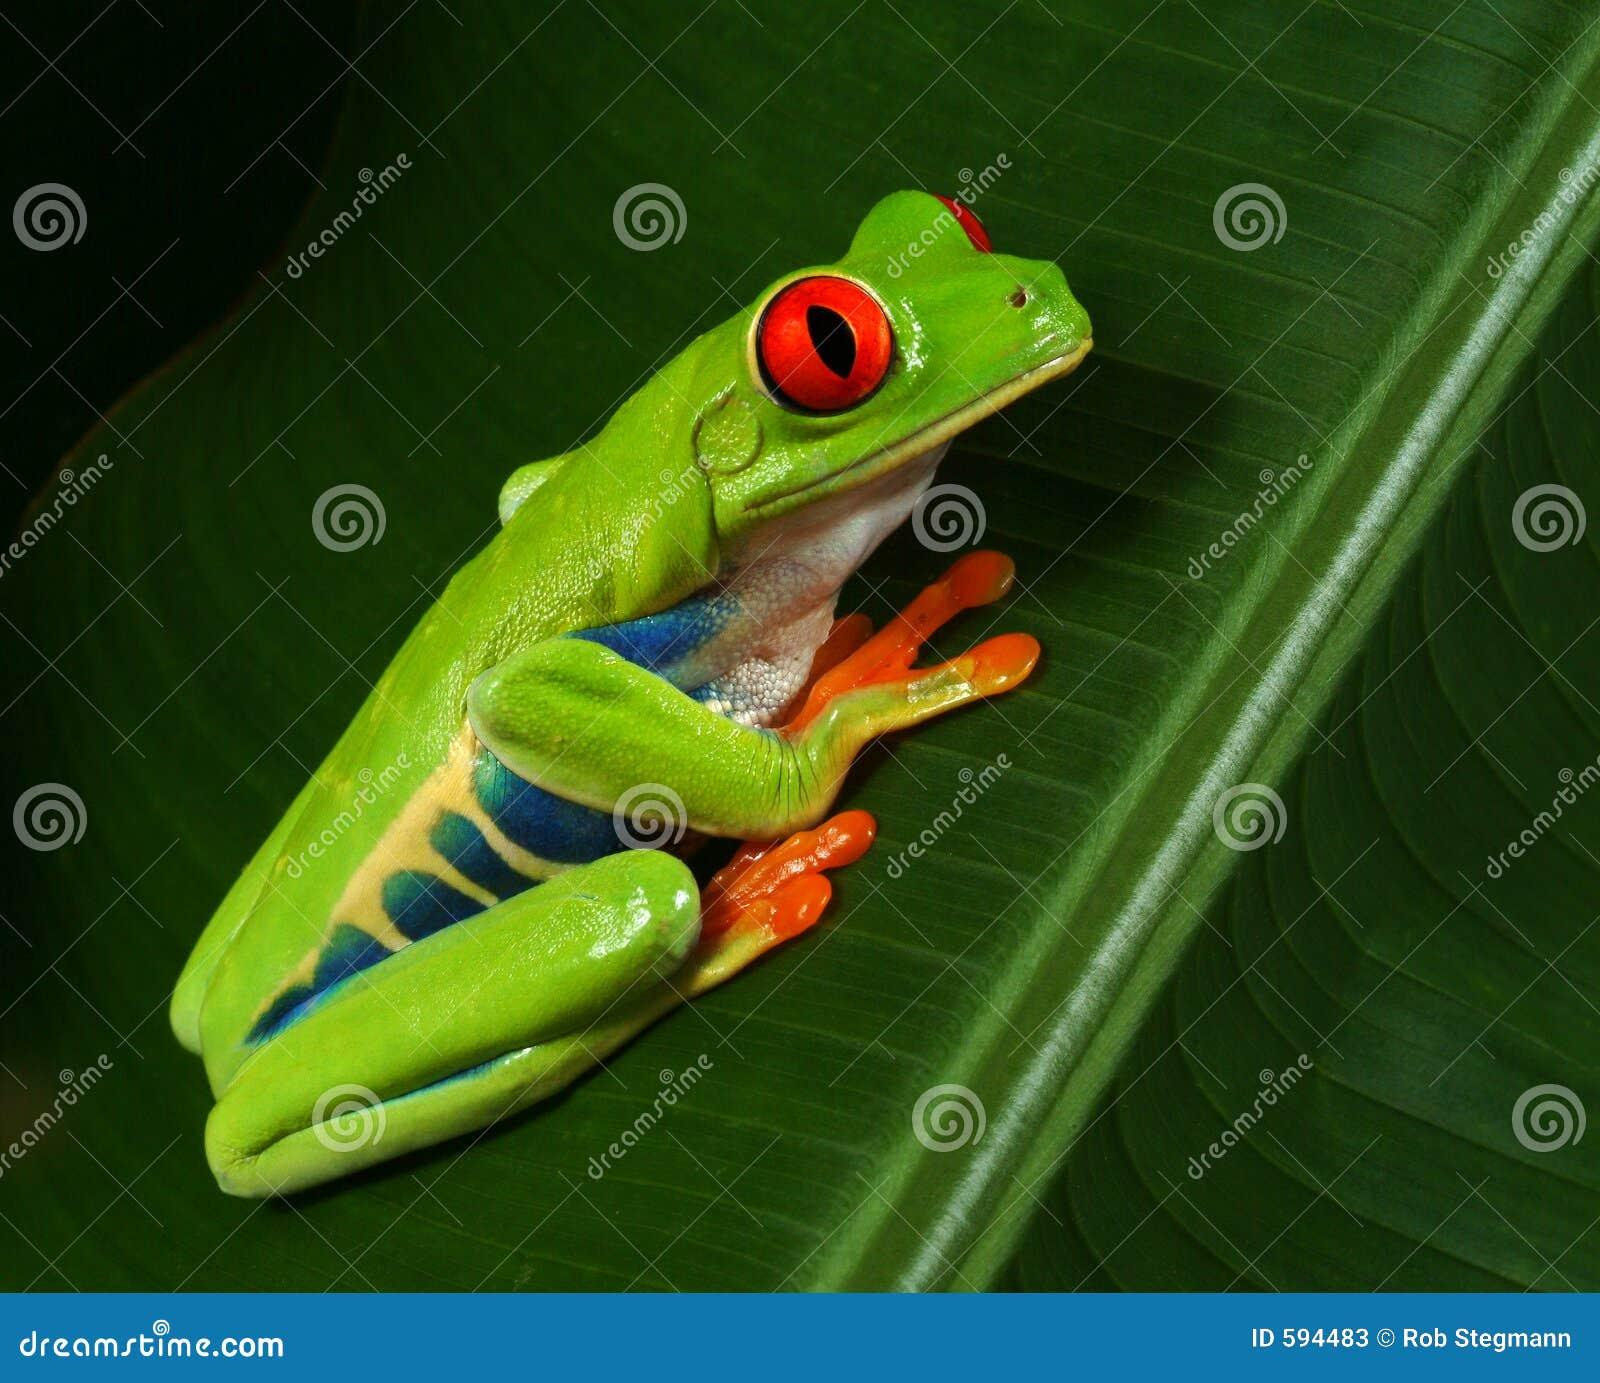 Profil rouge de grenouille d arbre d oeil